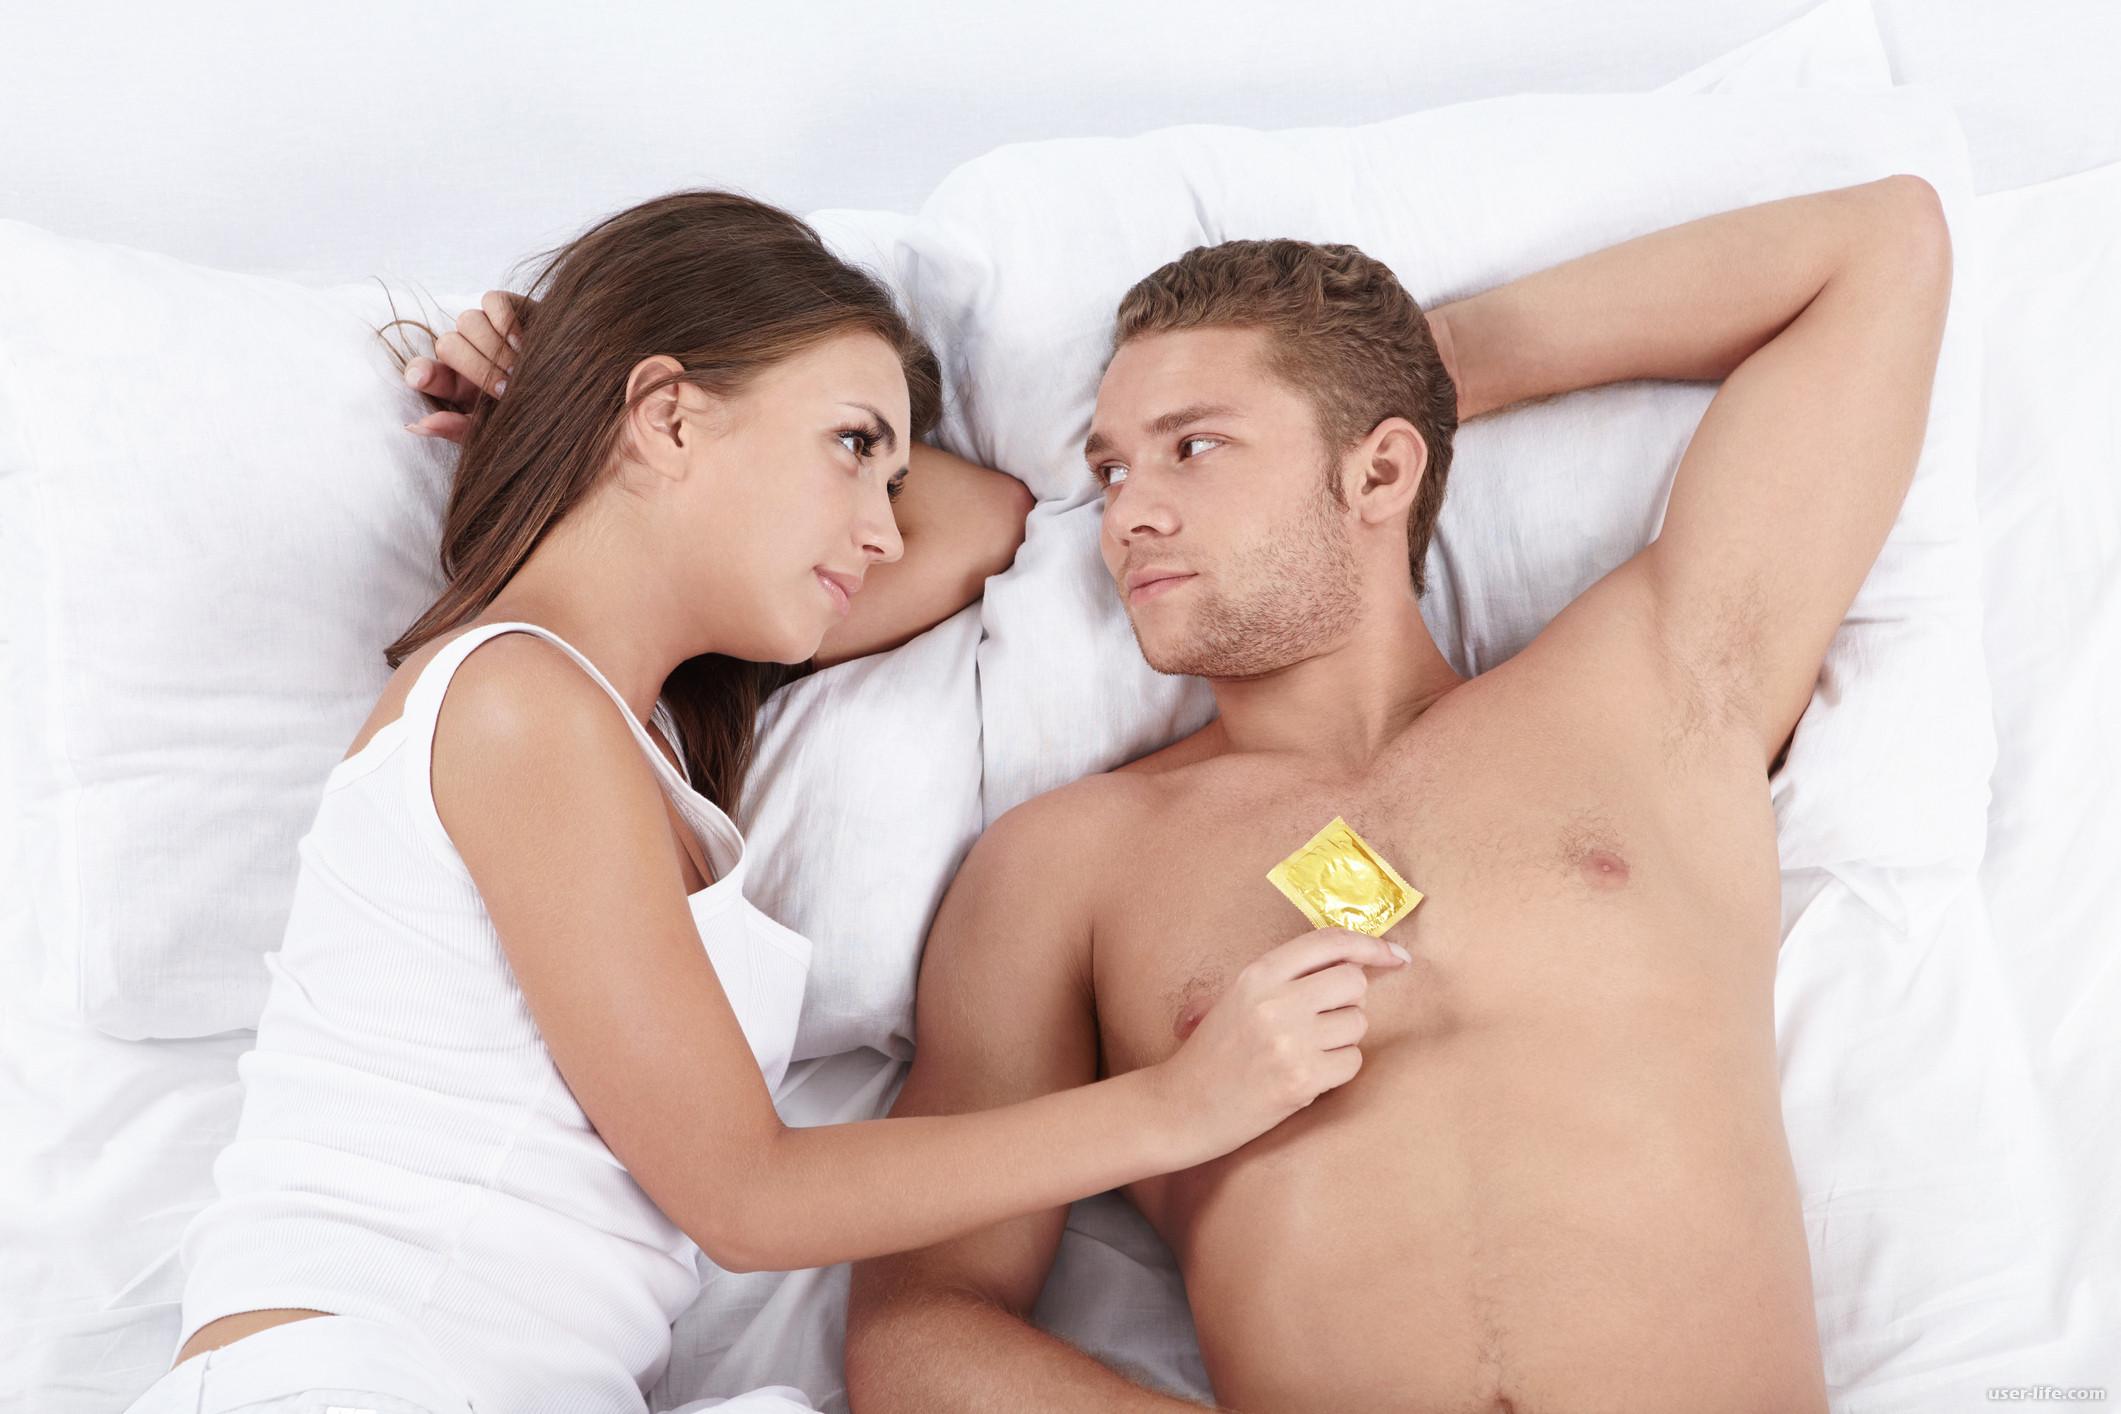 сделал выводы, спасибо. Секс бен тен ничем могу помочь. думаю